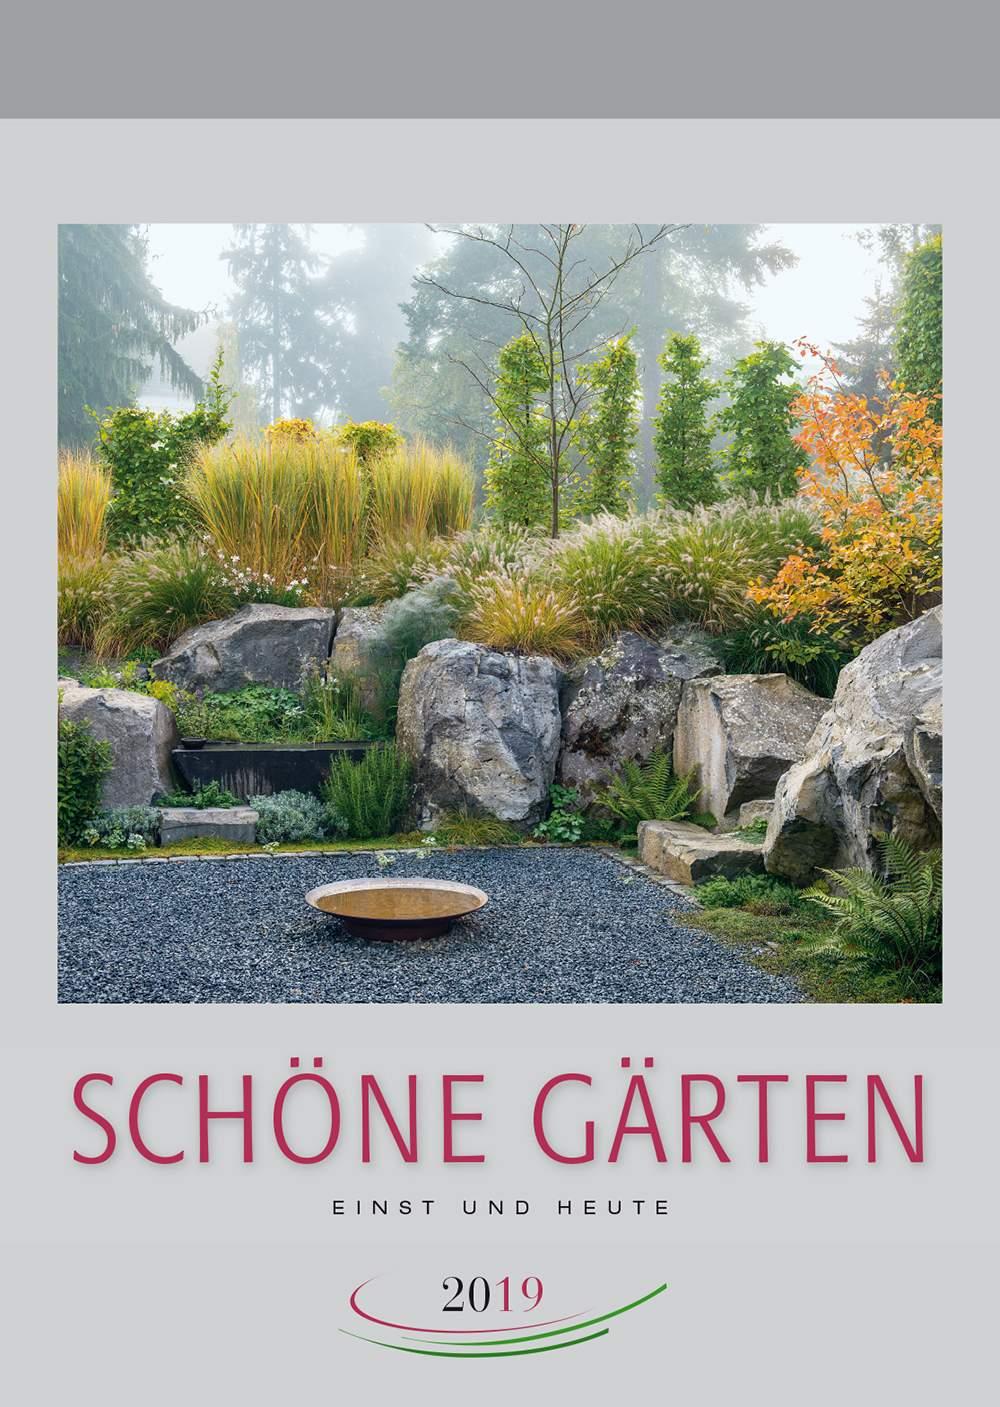 Schöne Gärten Das Beste Von Schöne Gärten Einst Und Heute 2019